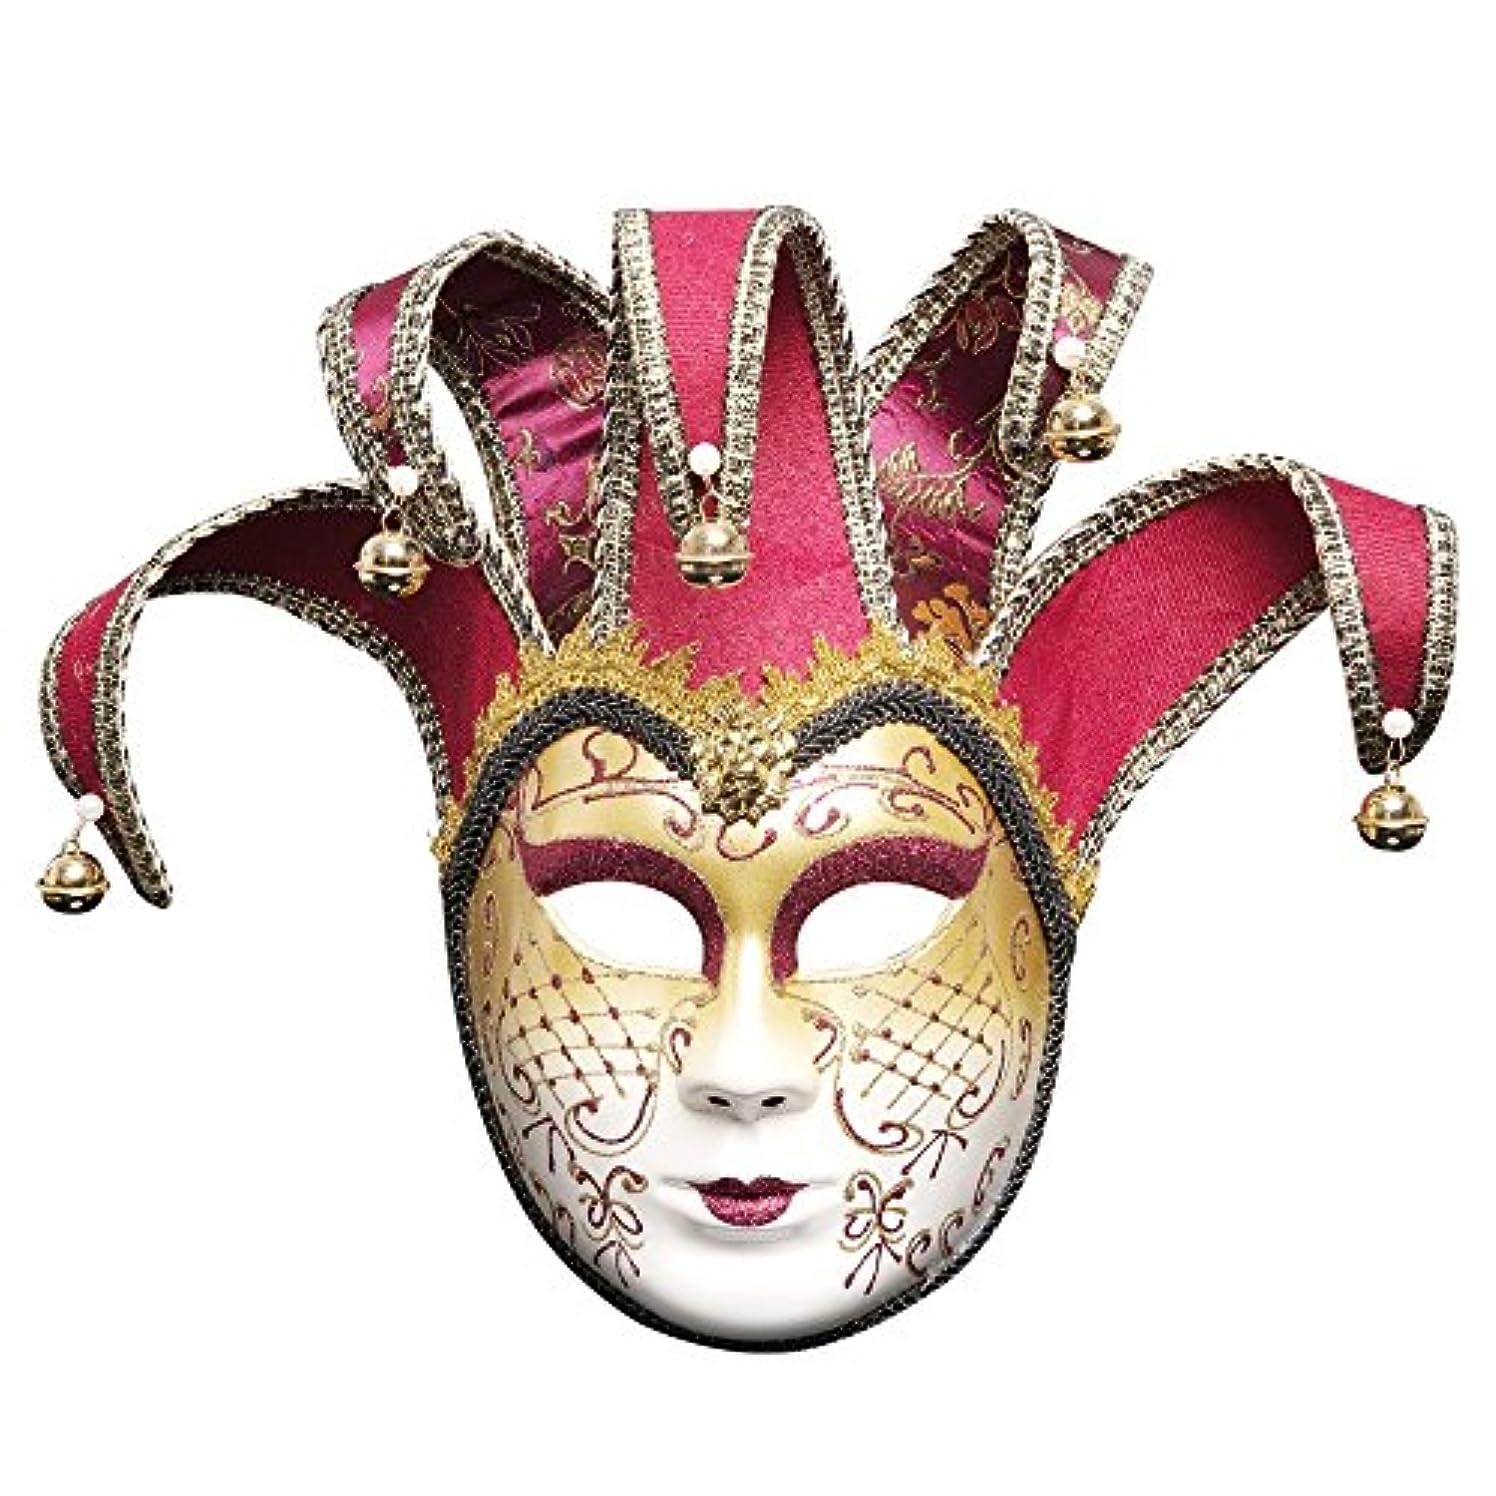 めまいが南東復讐ハロウィンボールパーティーマスククリスマスクリエイティブ新しいフルフェイスメイクアップマスク (Color : E)